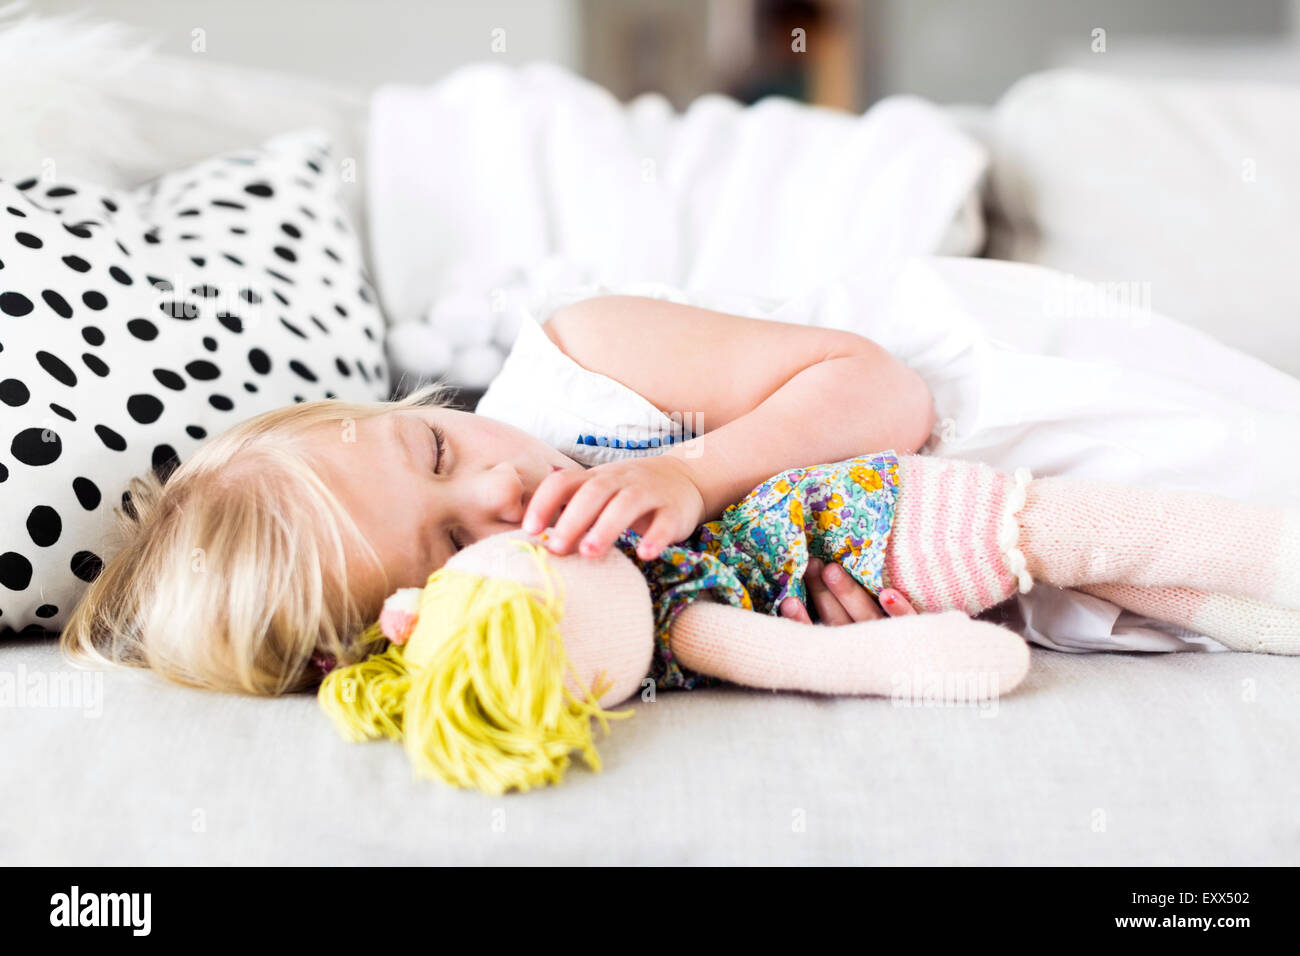 Girl (2-3) napping on sofa - Stock Image